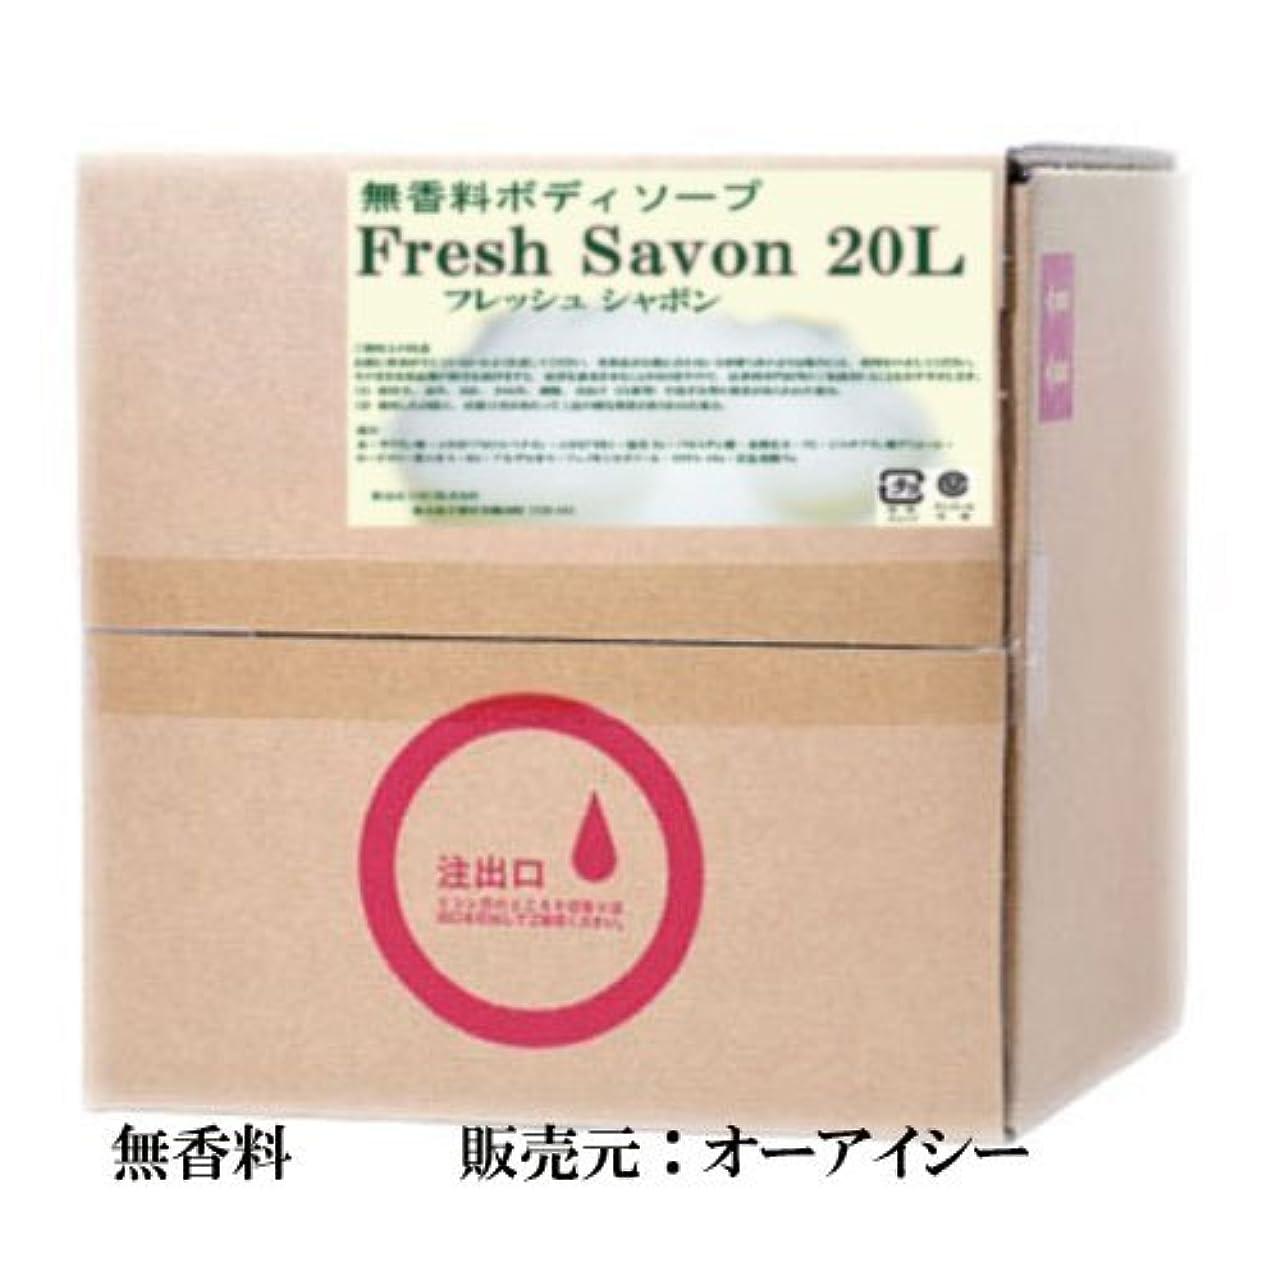 活力厚くする邪魔する業務用 無香料 ボディソープ フレッシュシャボン 20L (販売元:オーアイシー) (ホワイト)